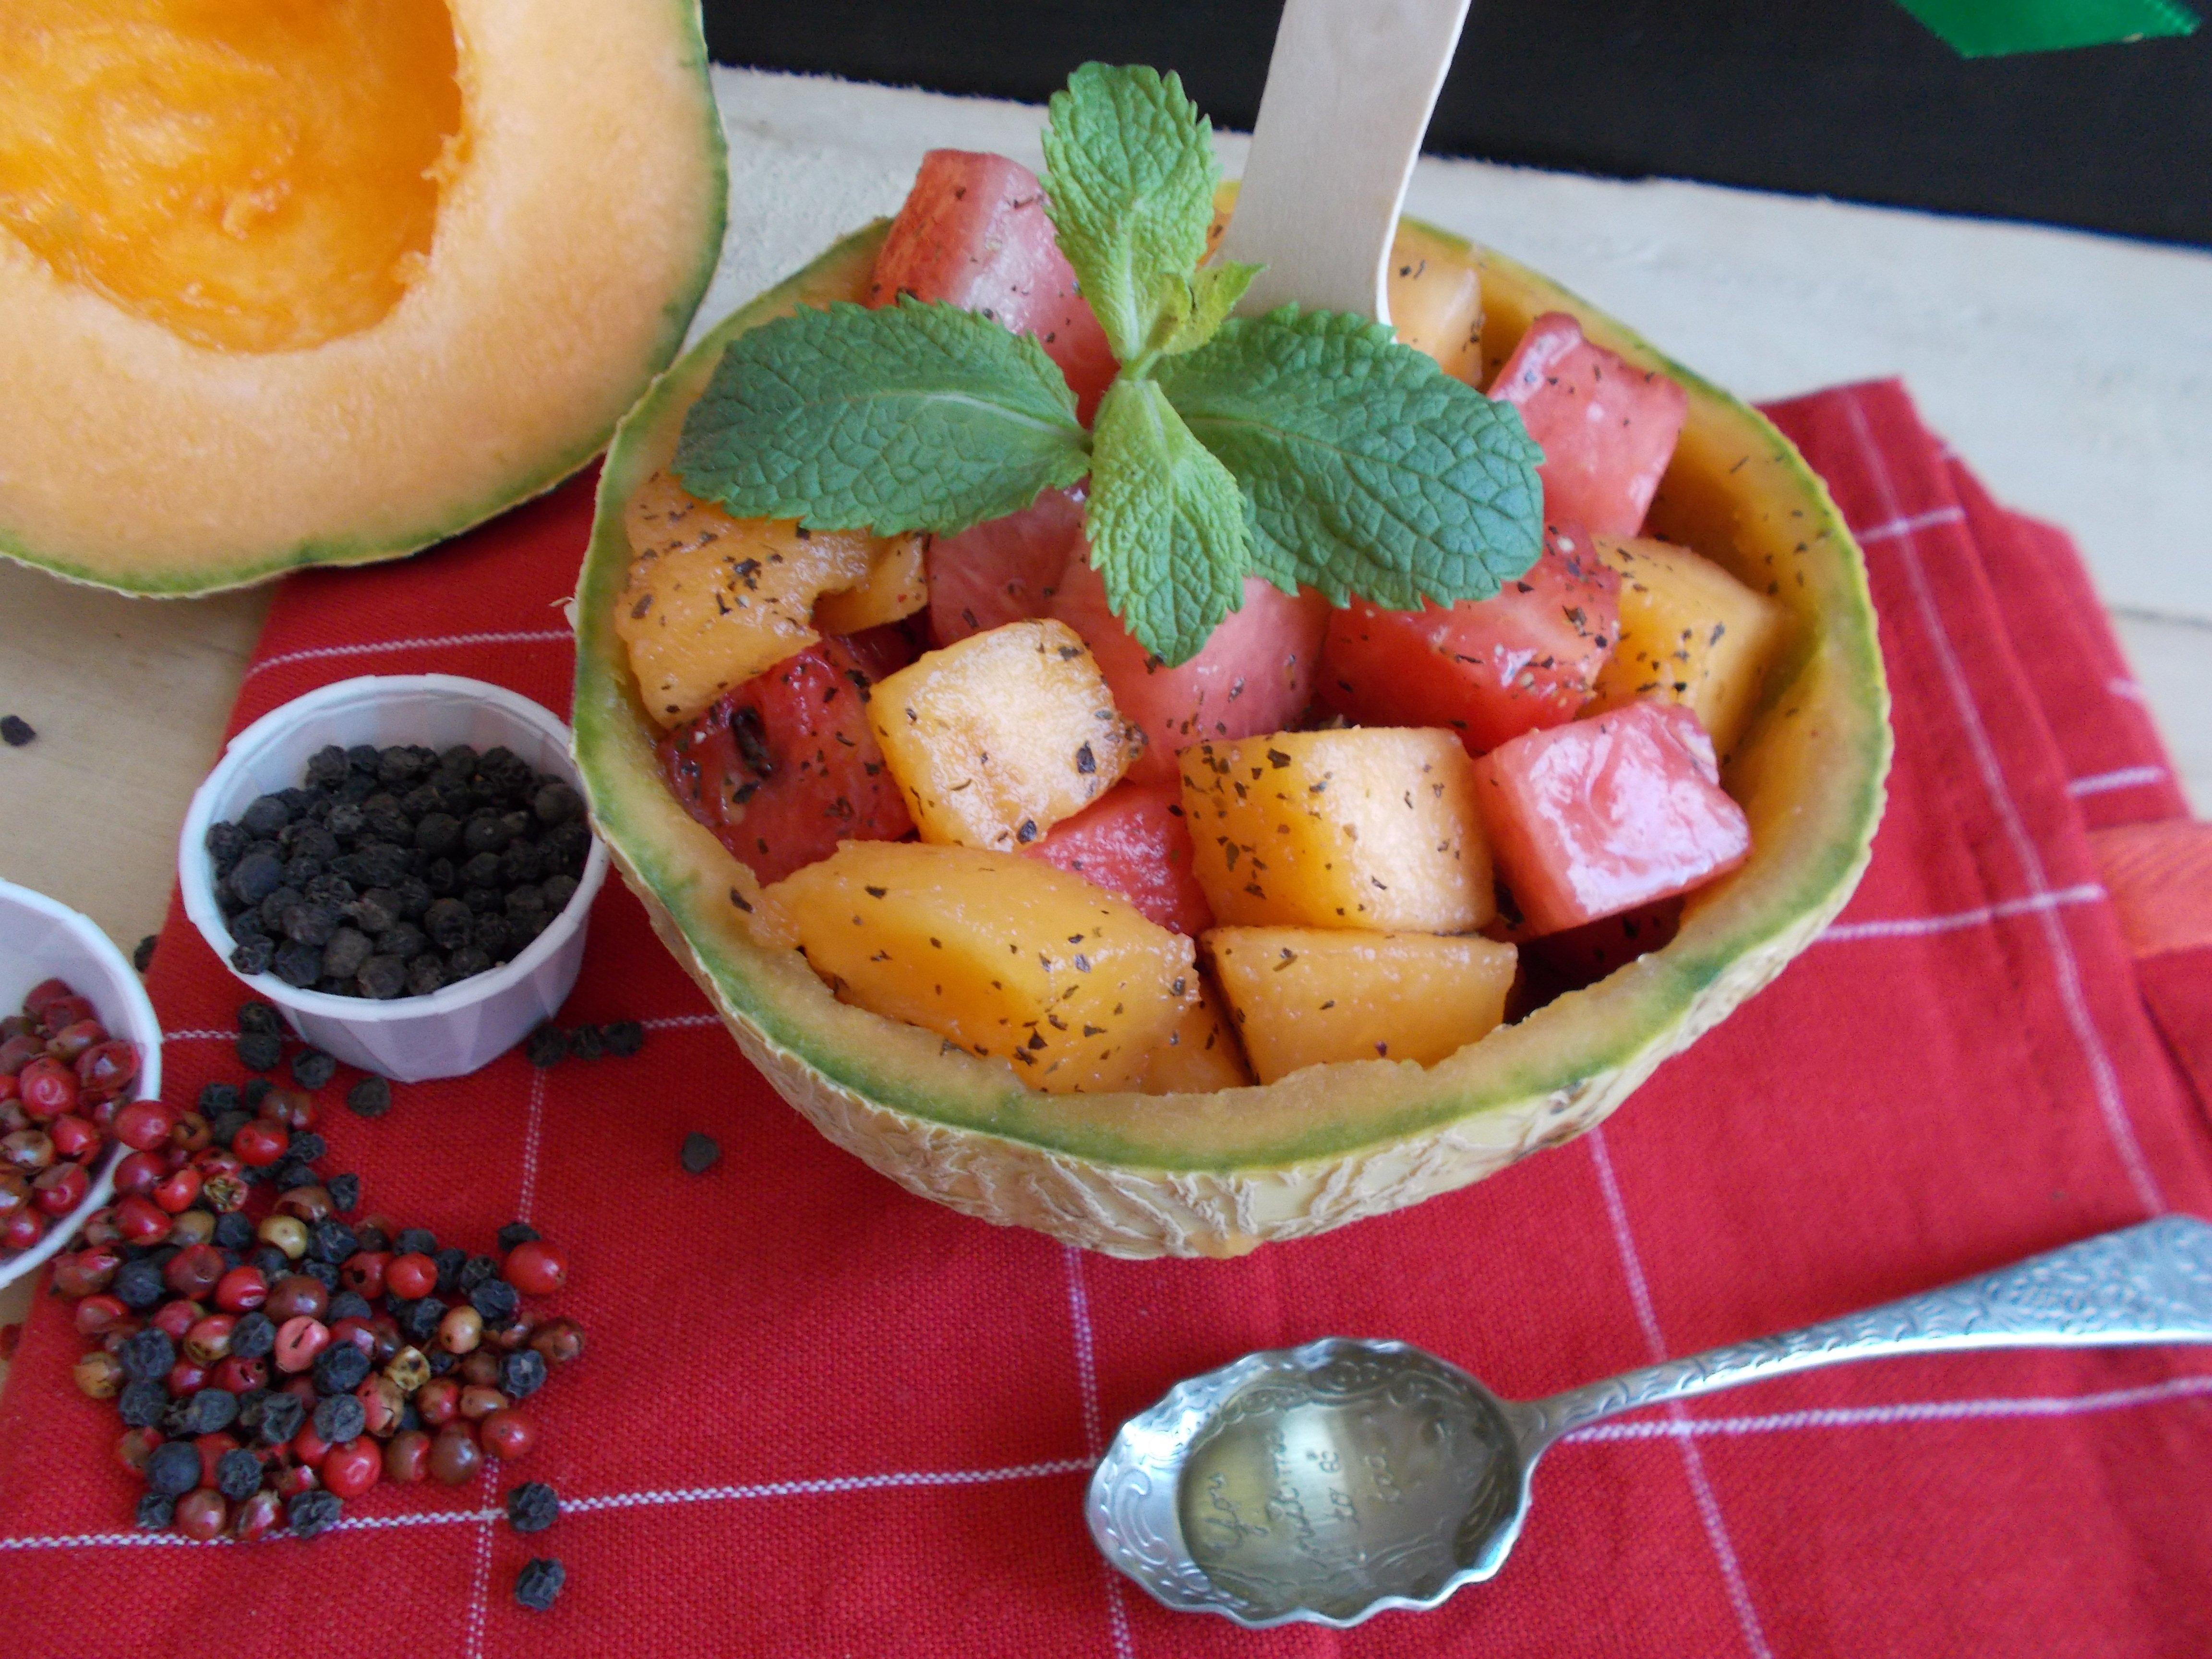 Pepones et melones : salade de melon et pastèque selon Apicius (Tout Art Faire)